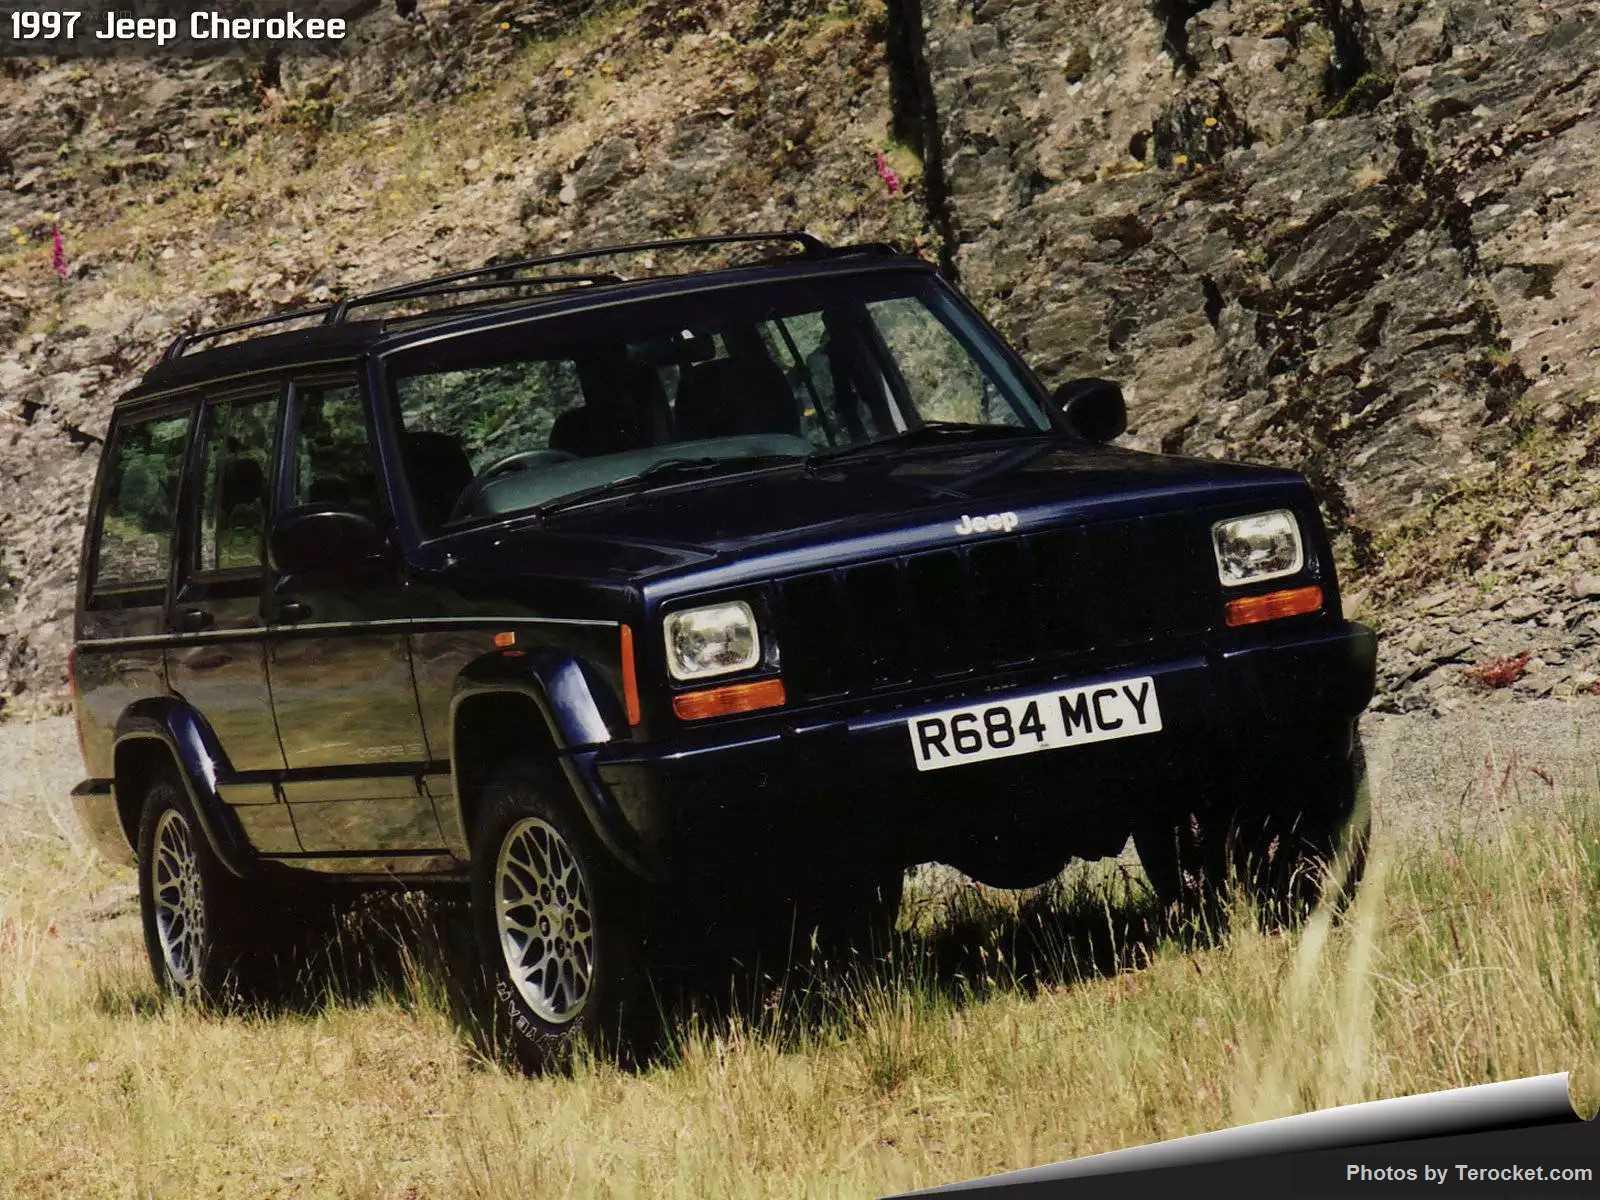 Hình ảnh xe ô tô Jeep Cherokee UK Version 1997 & nội ngoại thất